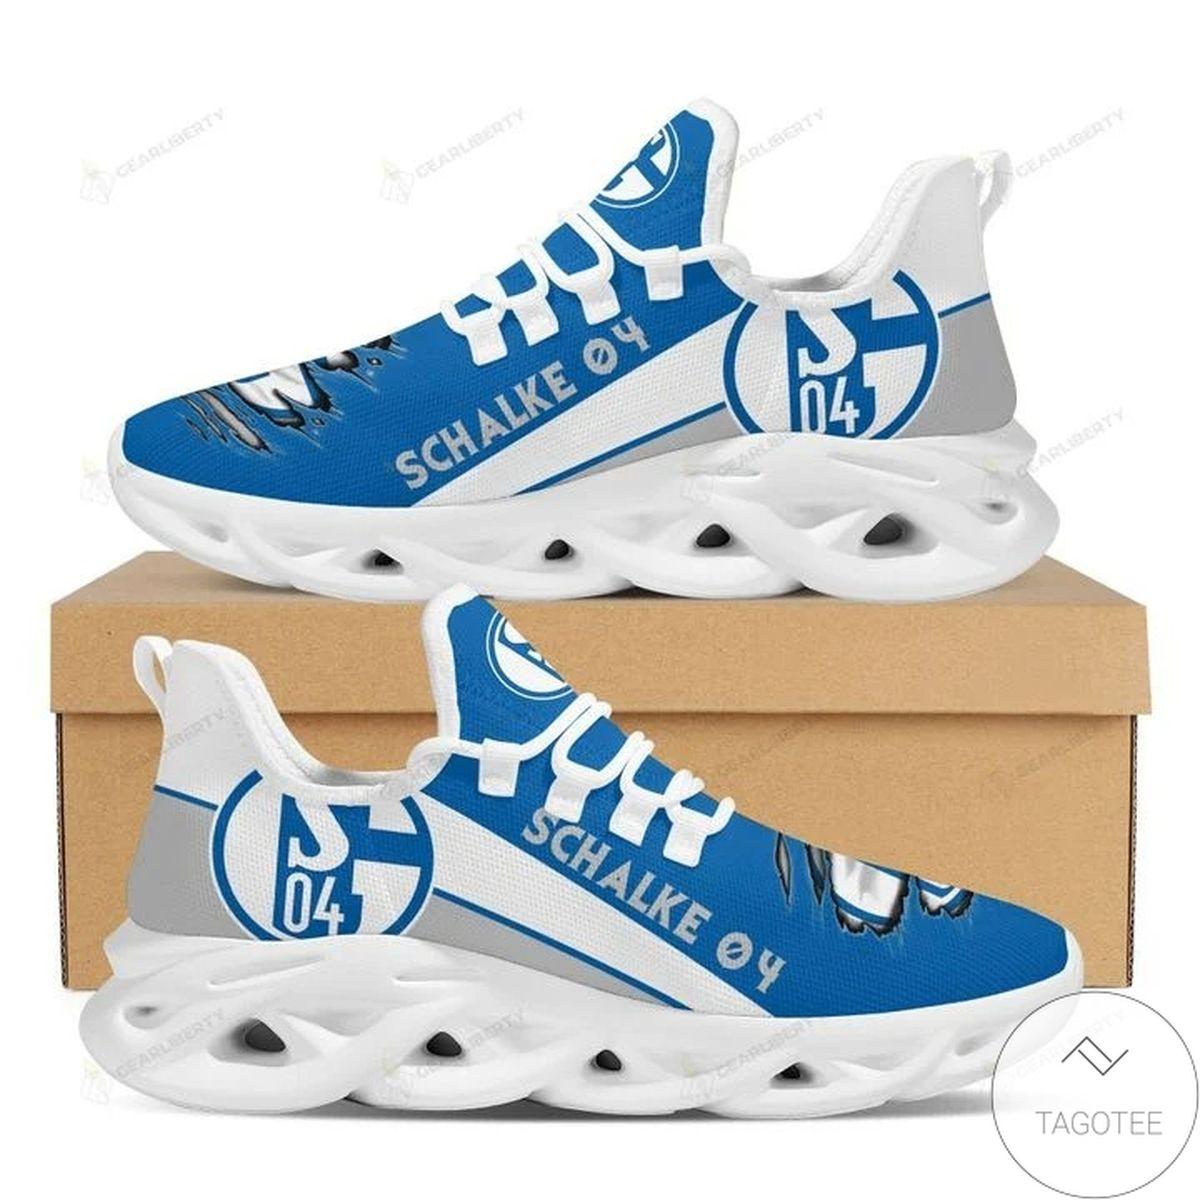 Bundesliga Schalke 04 Max Soul Shoes